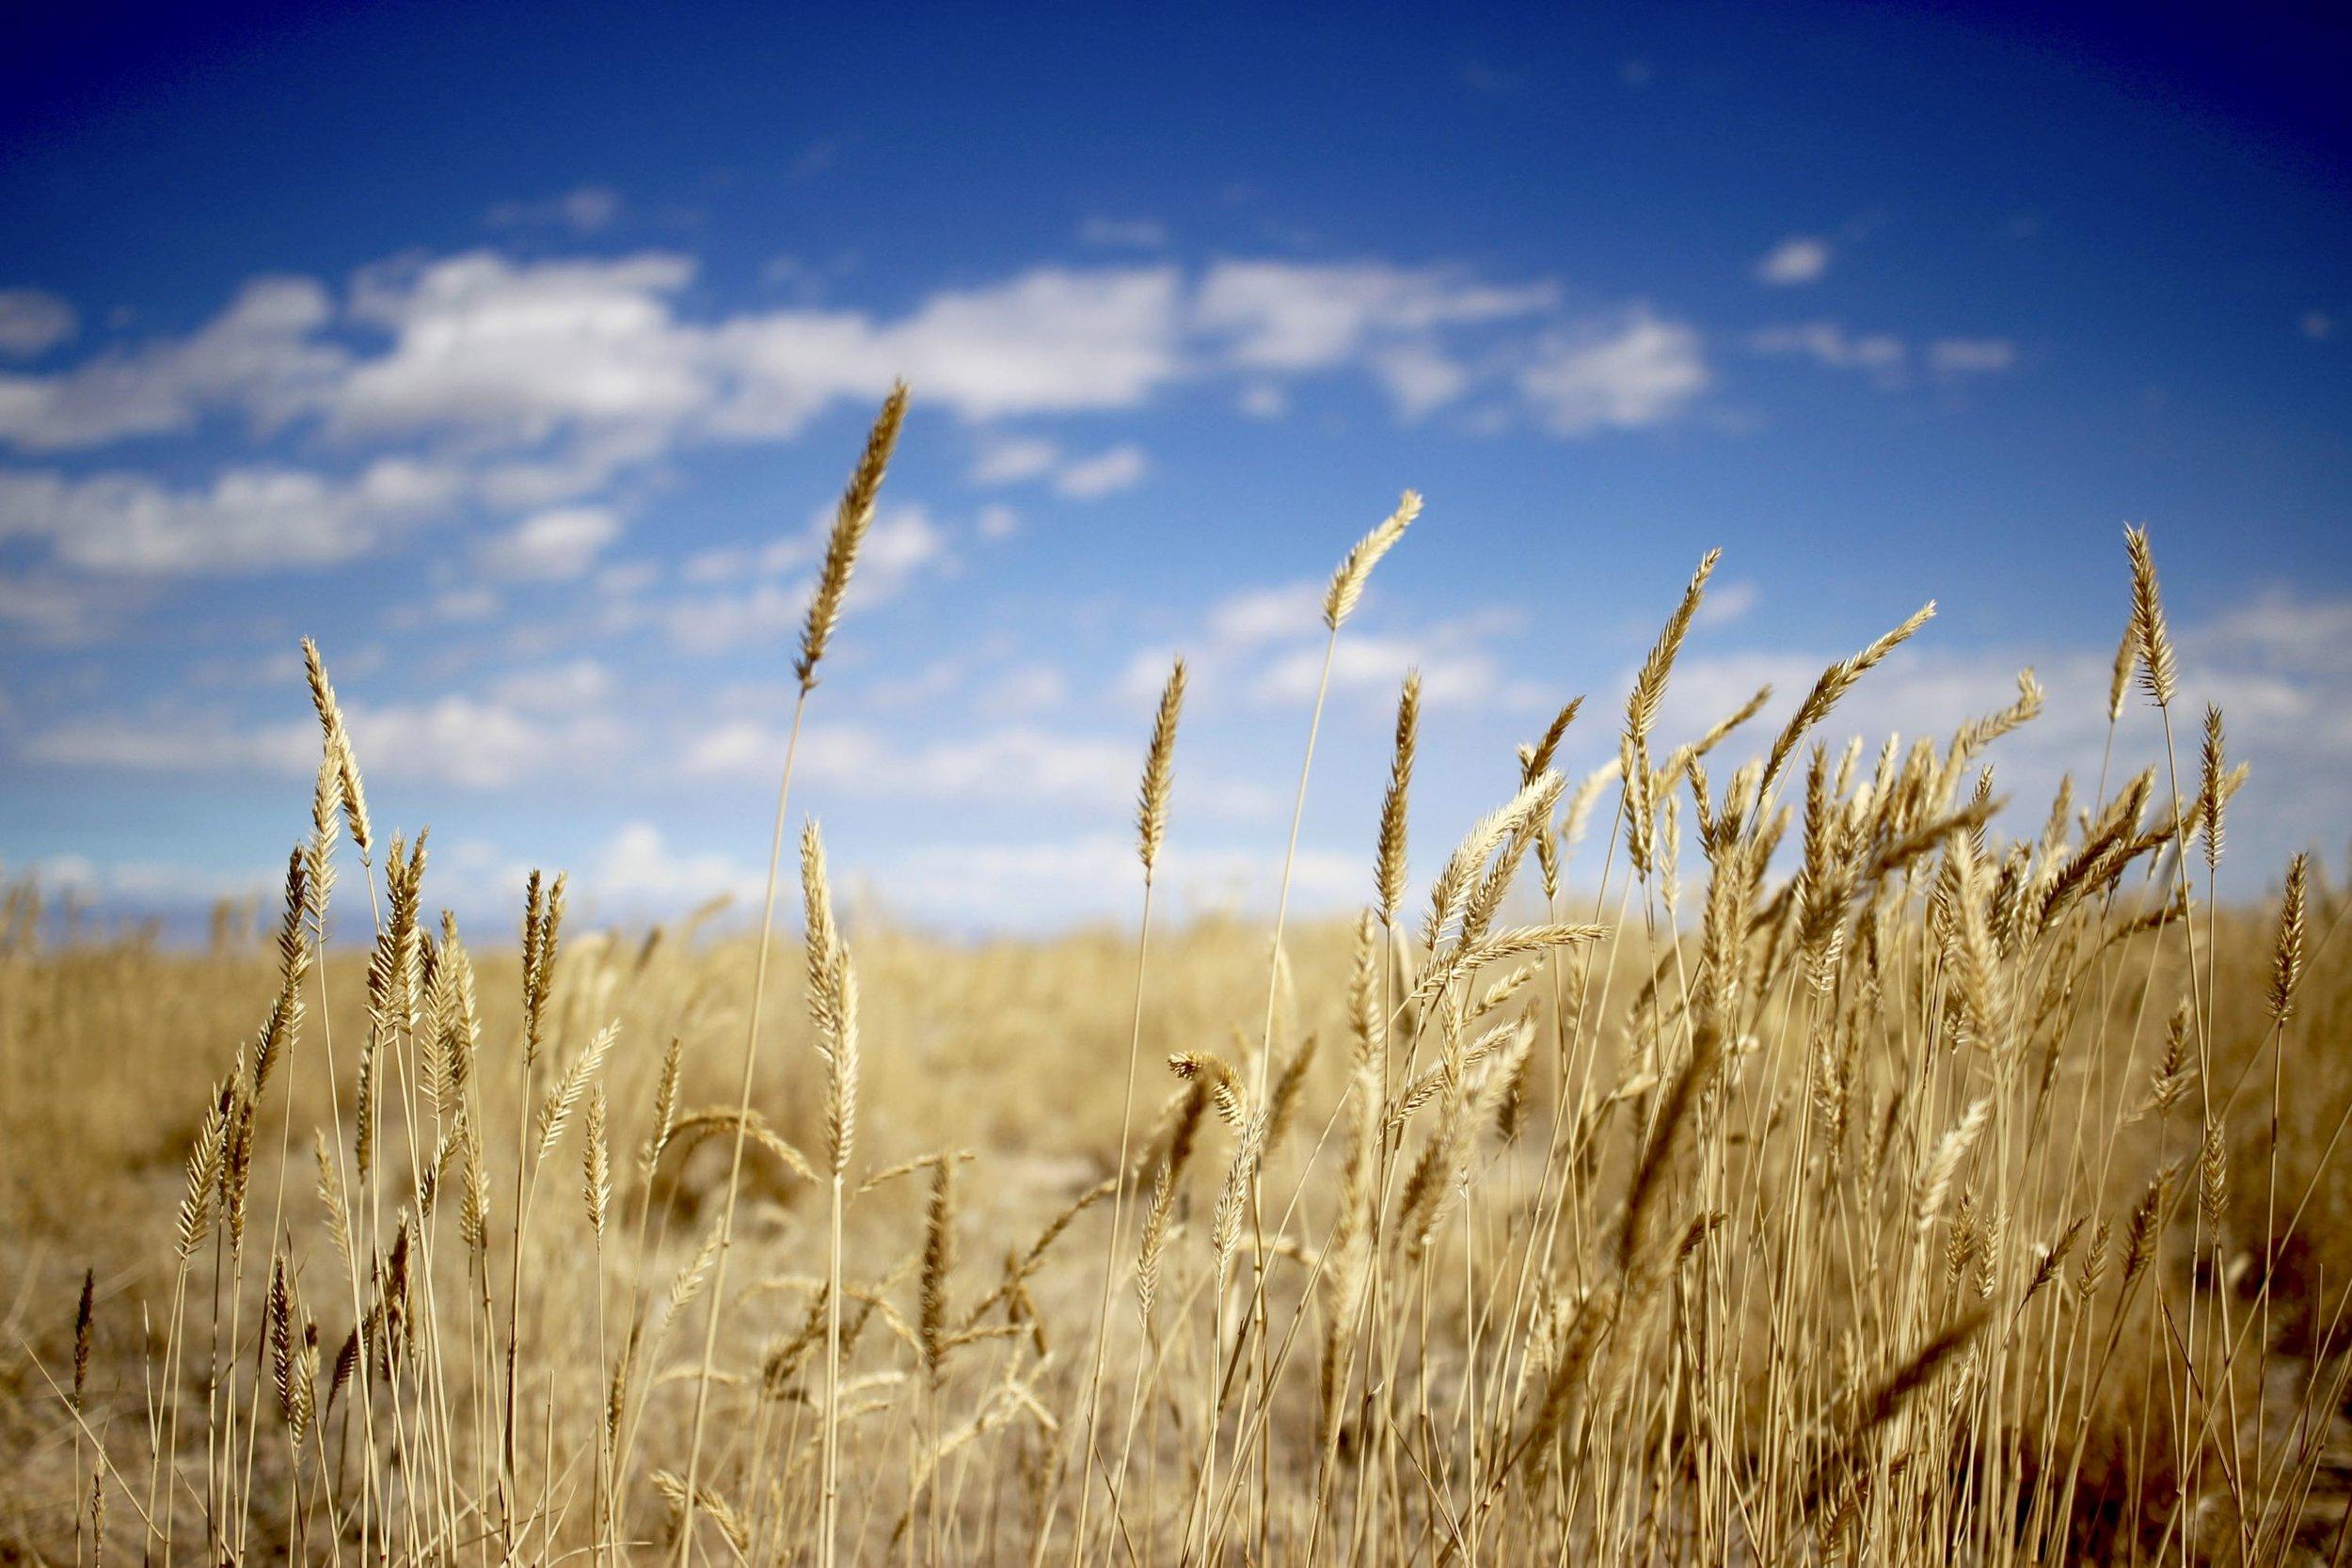 Wild rye on the open range - near Owyhee Canyonlands Idaho